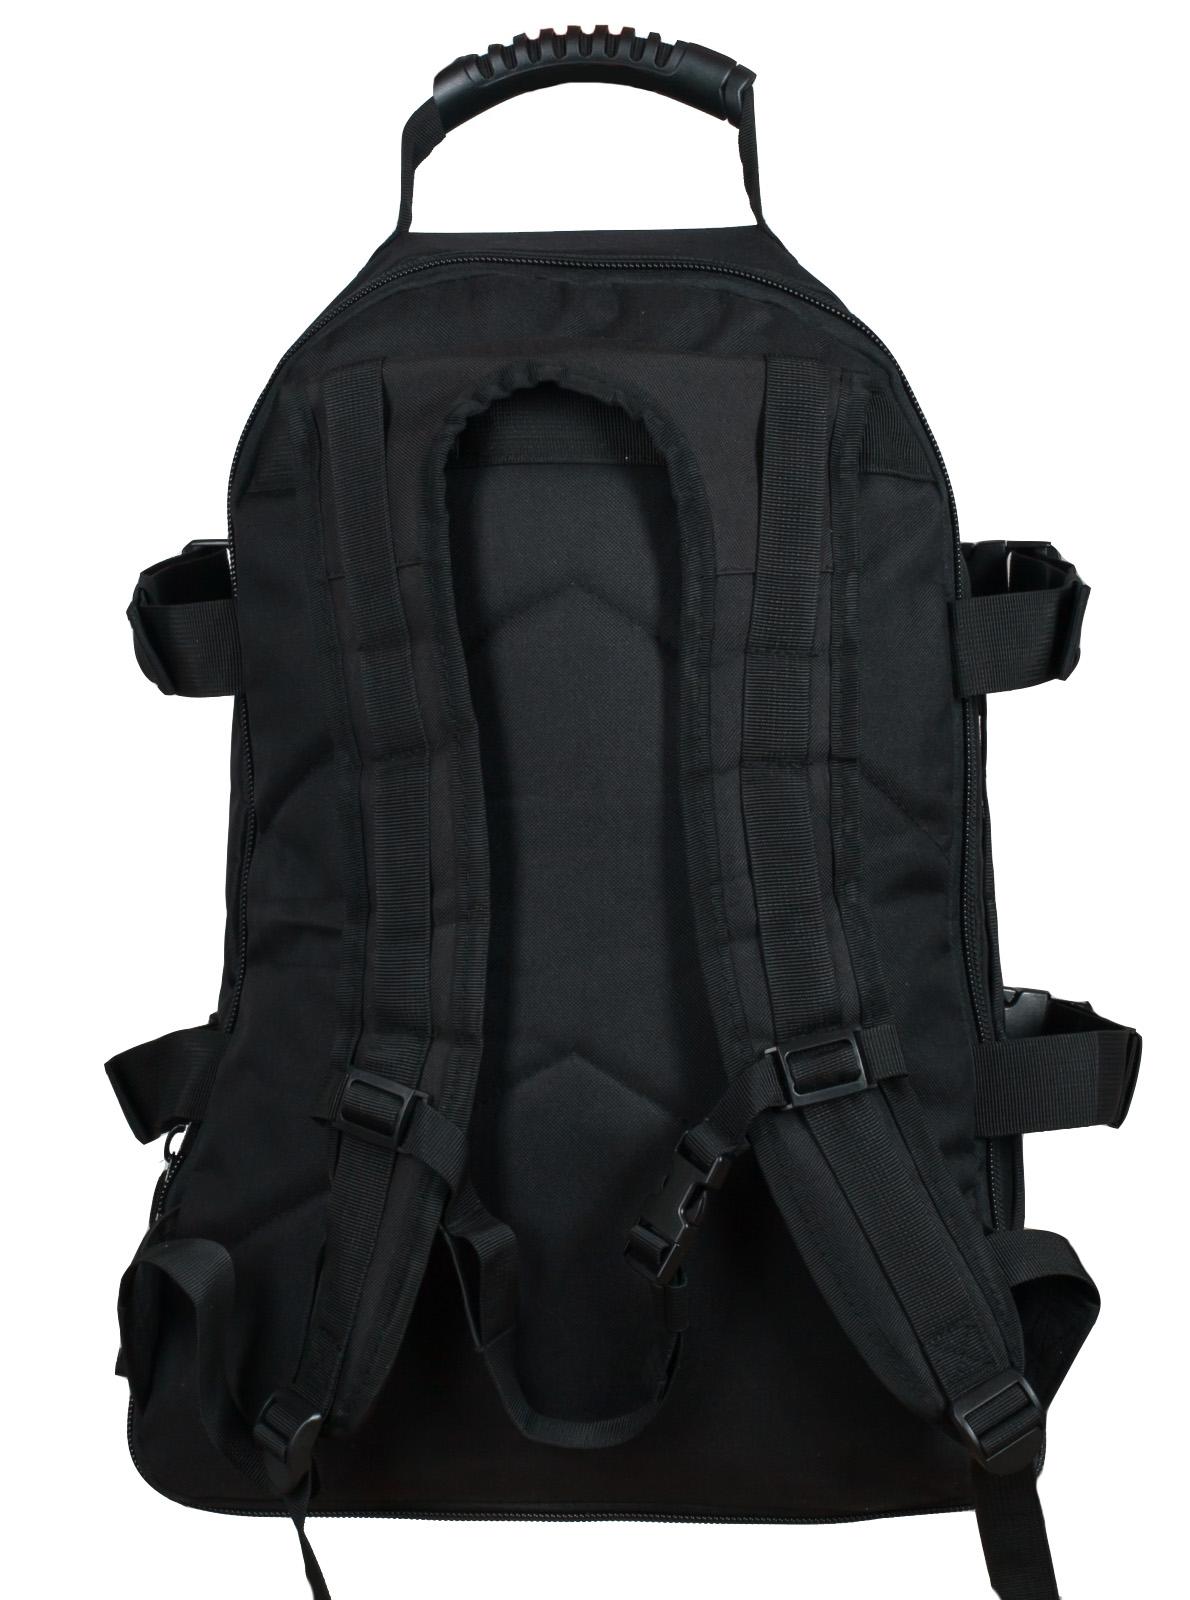 Черный военный рюкзак с нашивкой ДПС - заказать по низкой цене